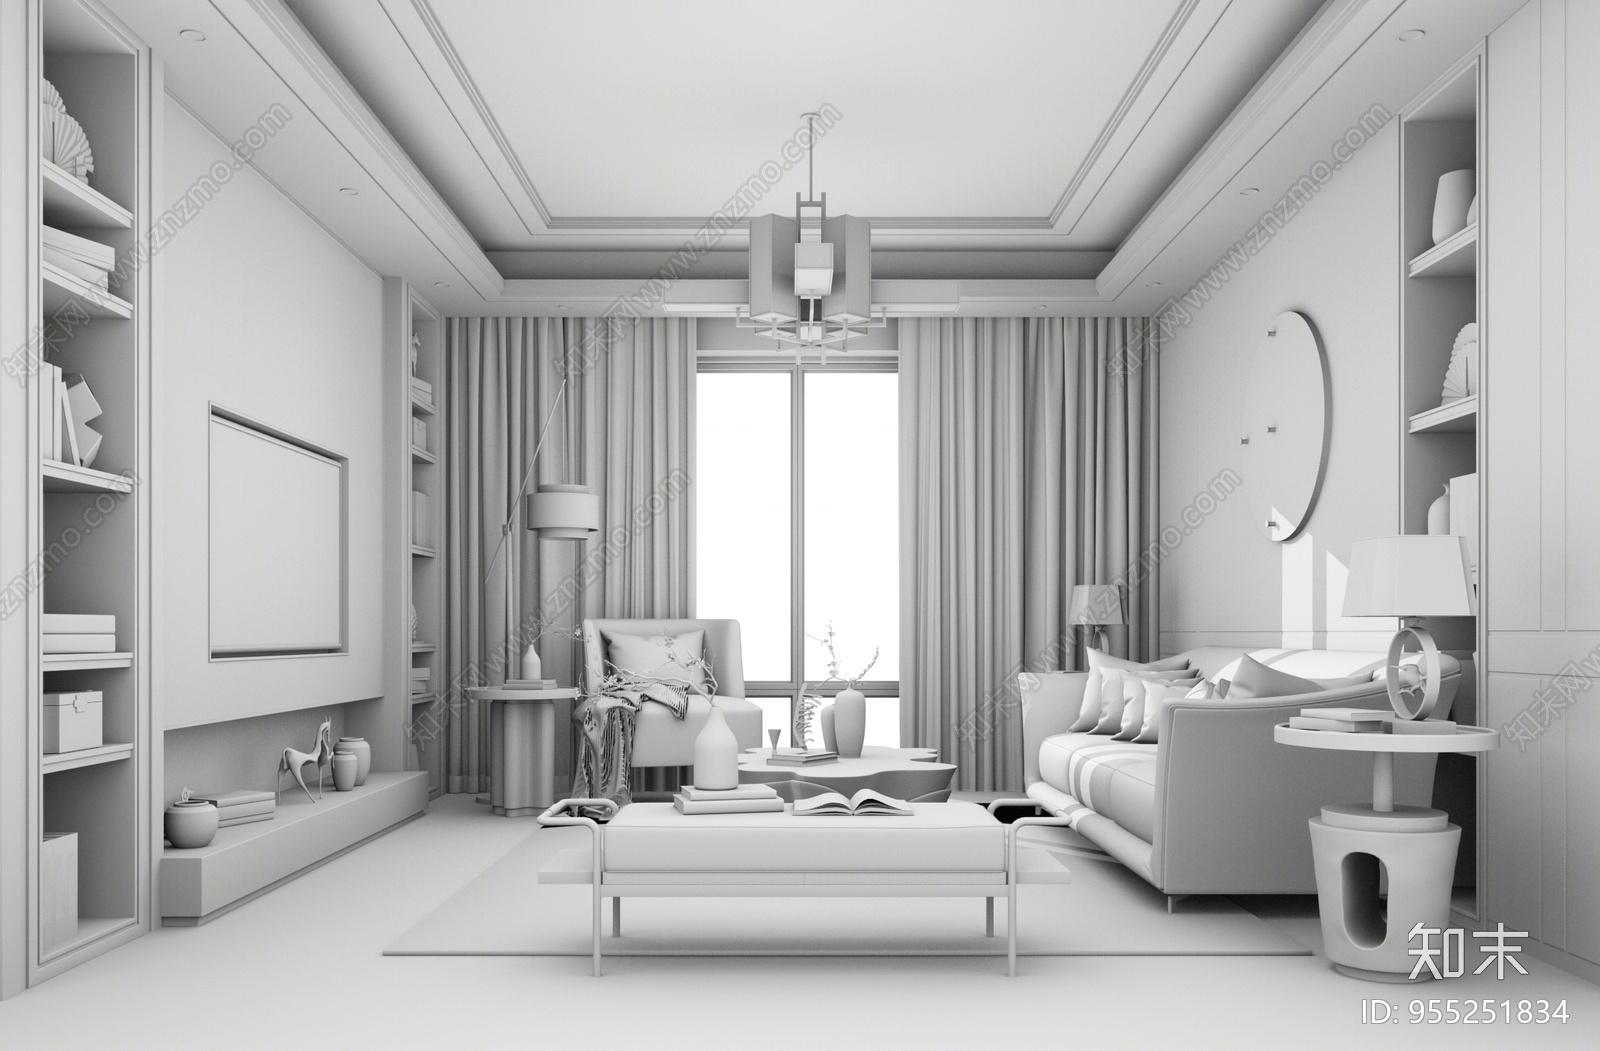 新中式风格家居客厅SU模型下载【ID:955251834】